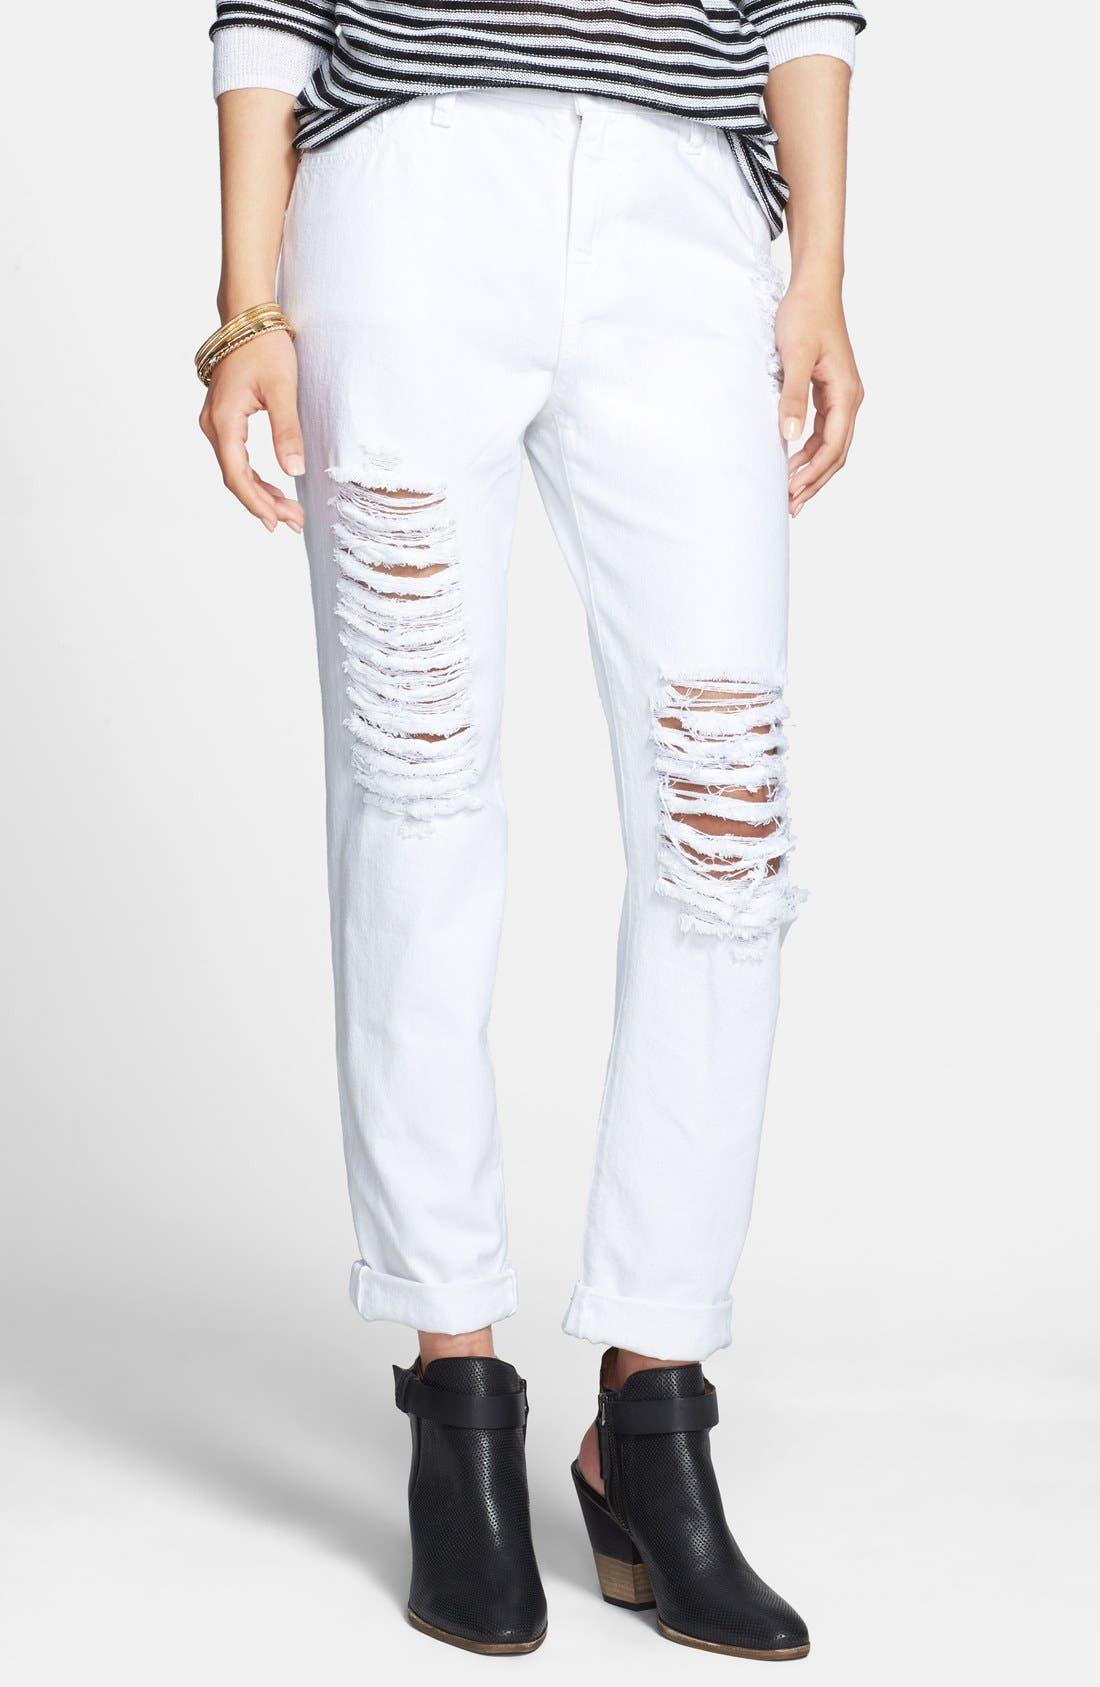 Main Image - SP Black Shredded Boyfriend Jeans (White) (Juniors)